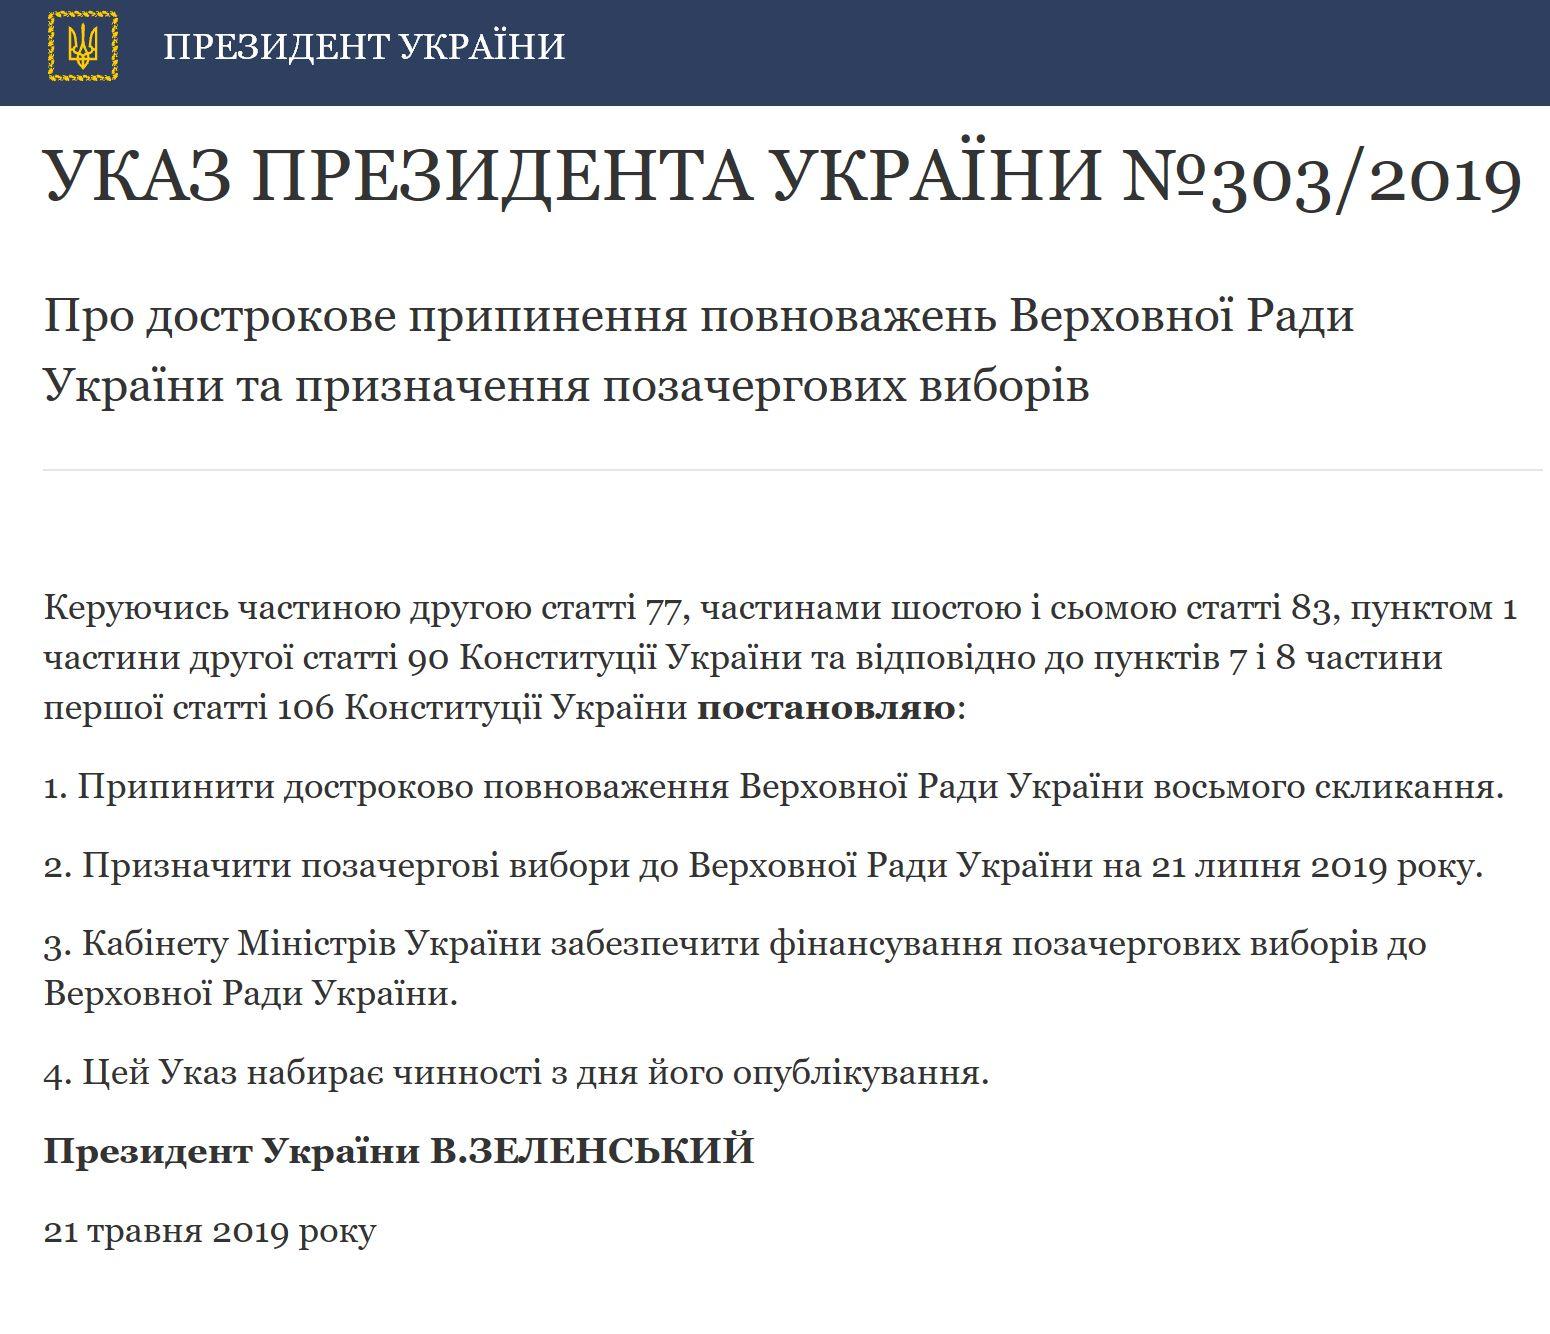 Зеленський своїм указом призначив дострокові вибори до Верховної Ради на 21 липня